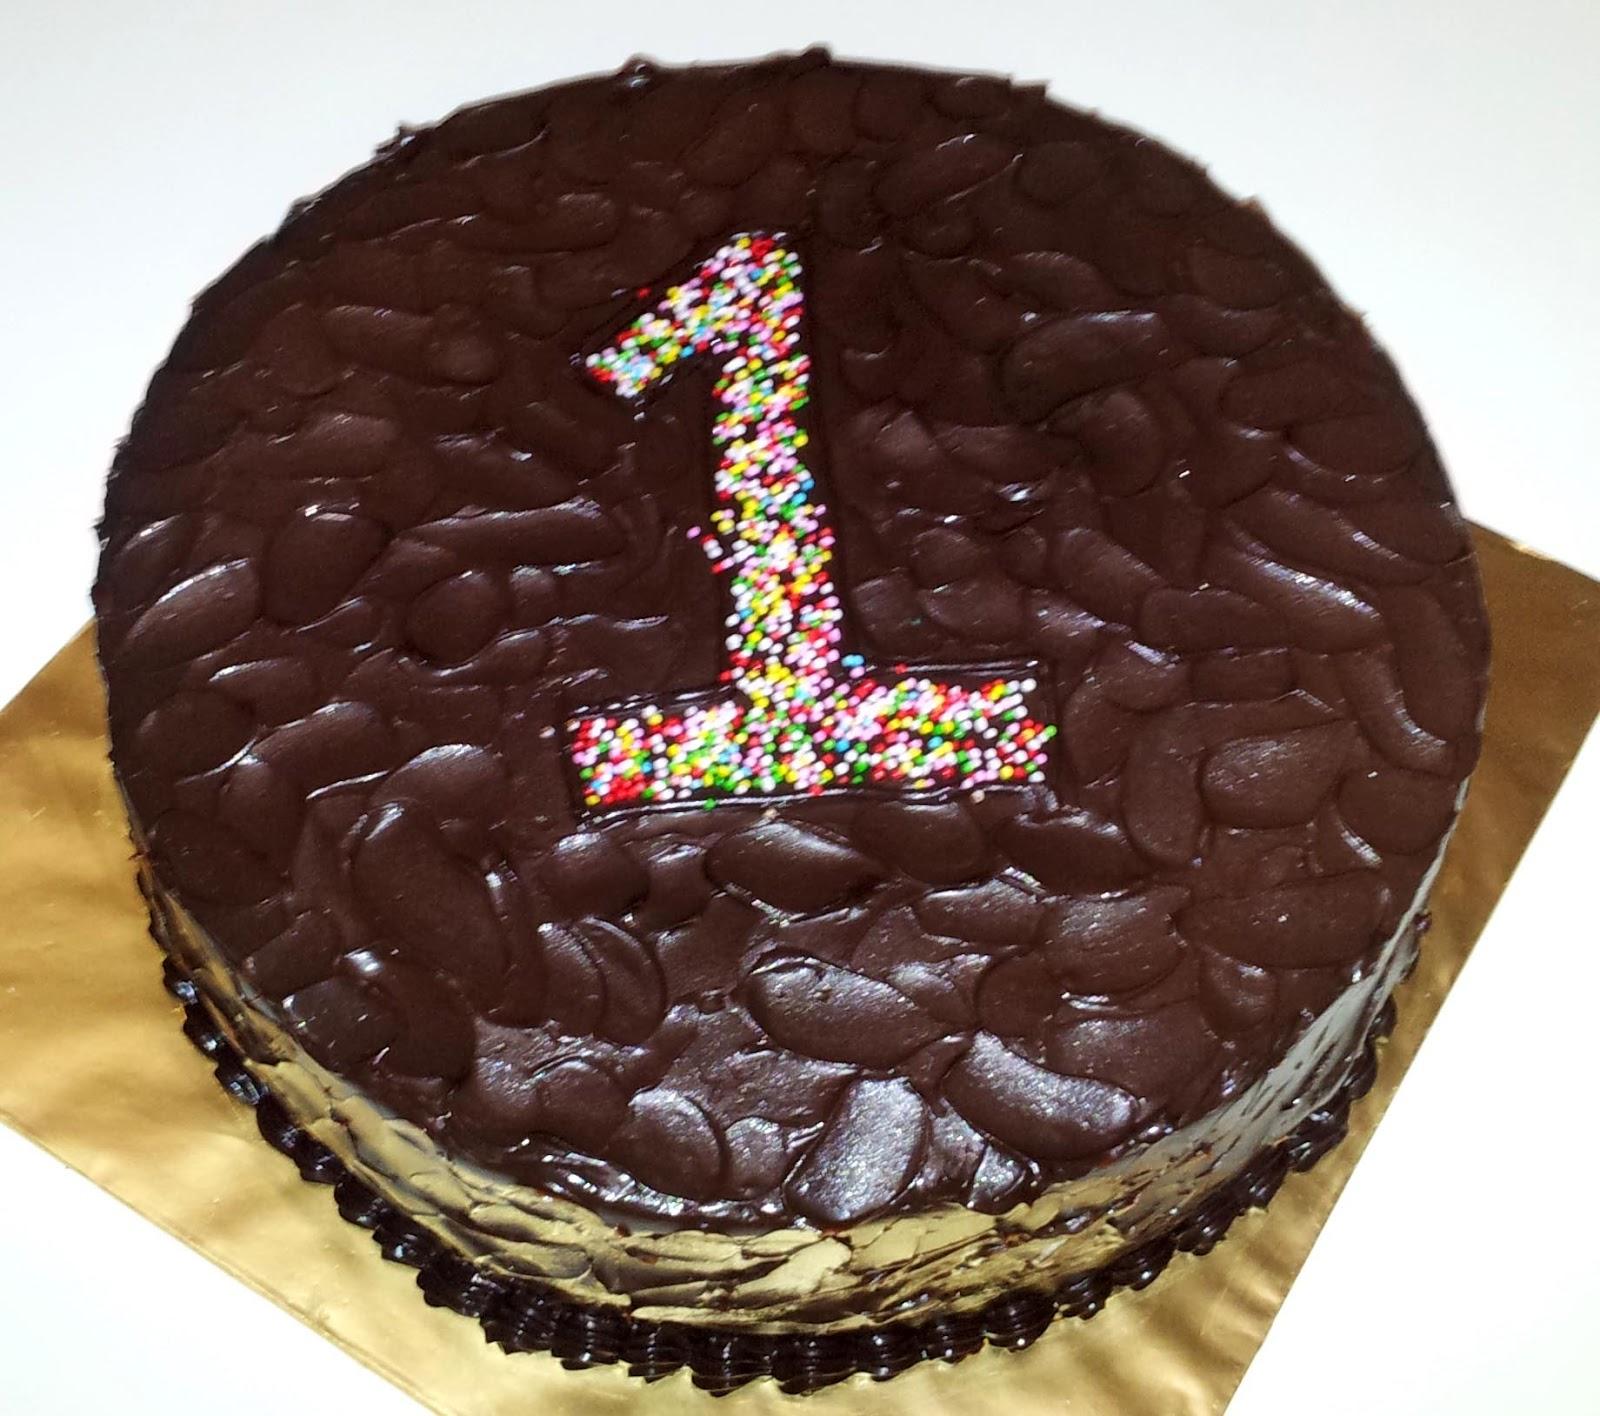 Made By Shas: Nuha's Chocolate Birthday Cake